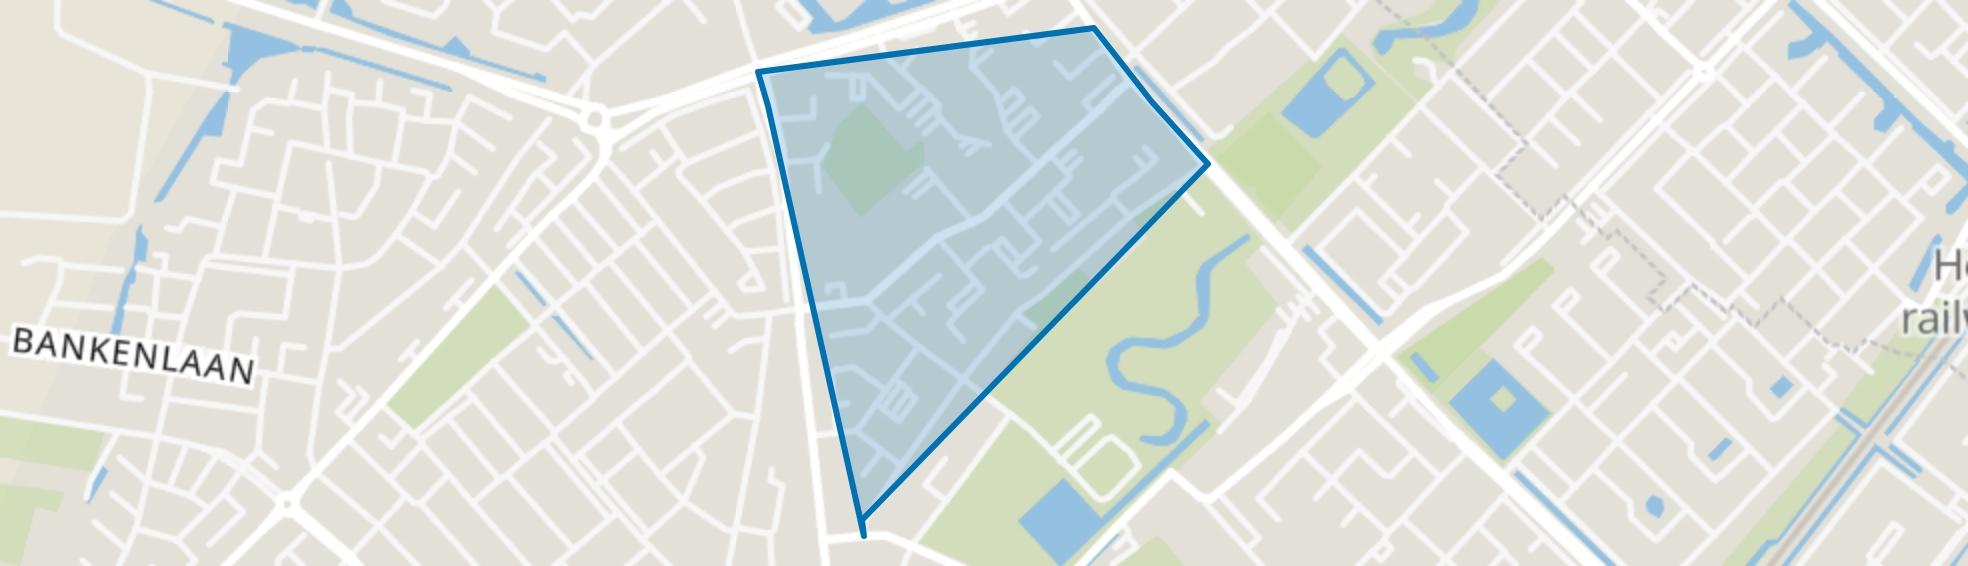 Wijkerbaan, Beverwijk map